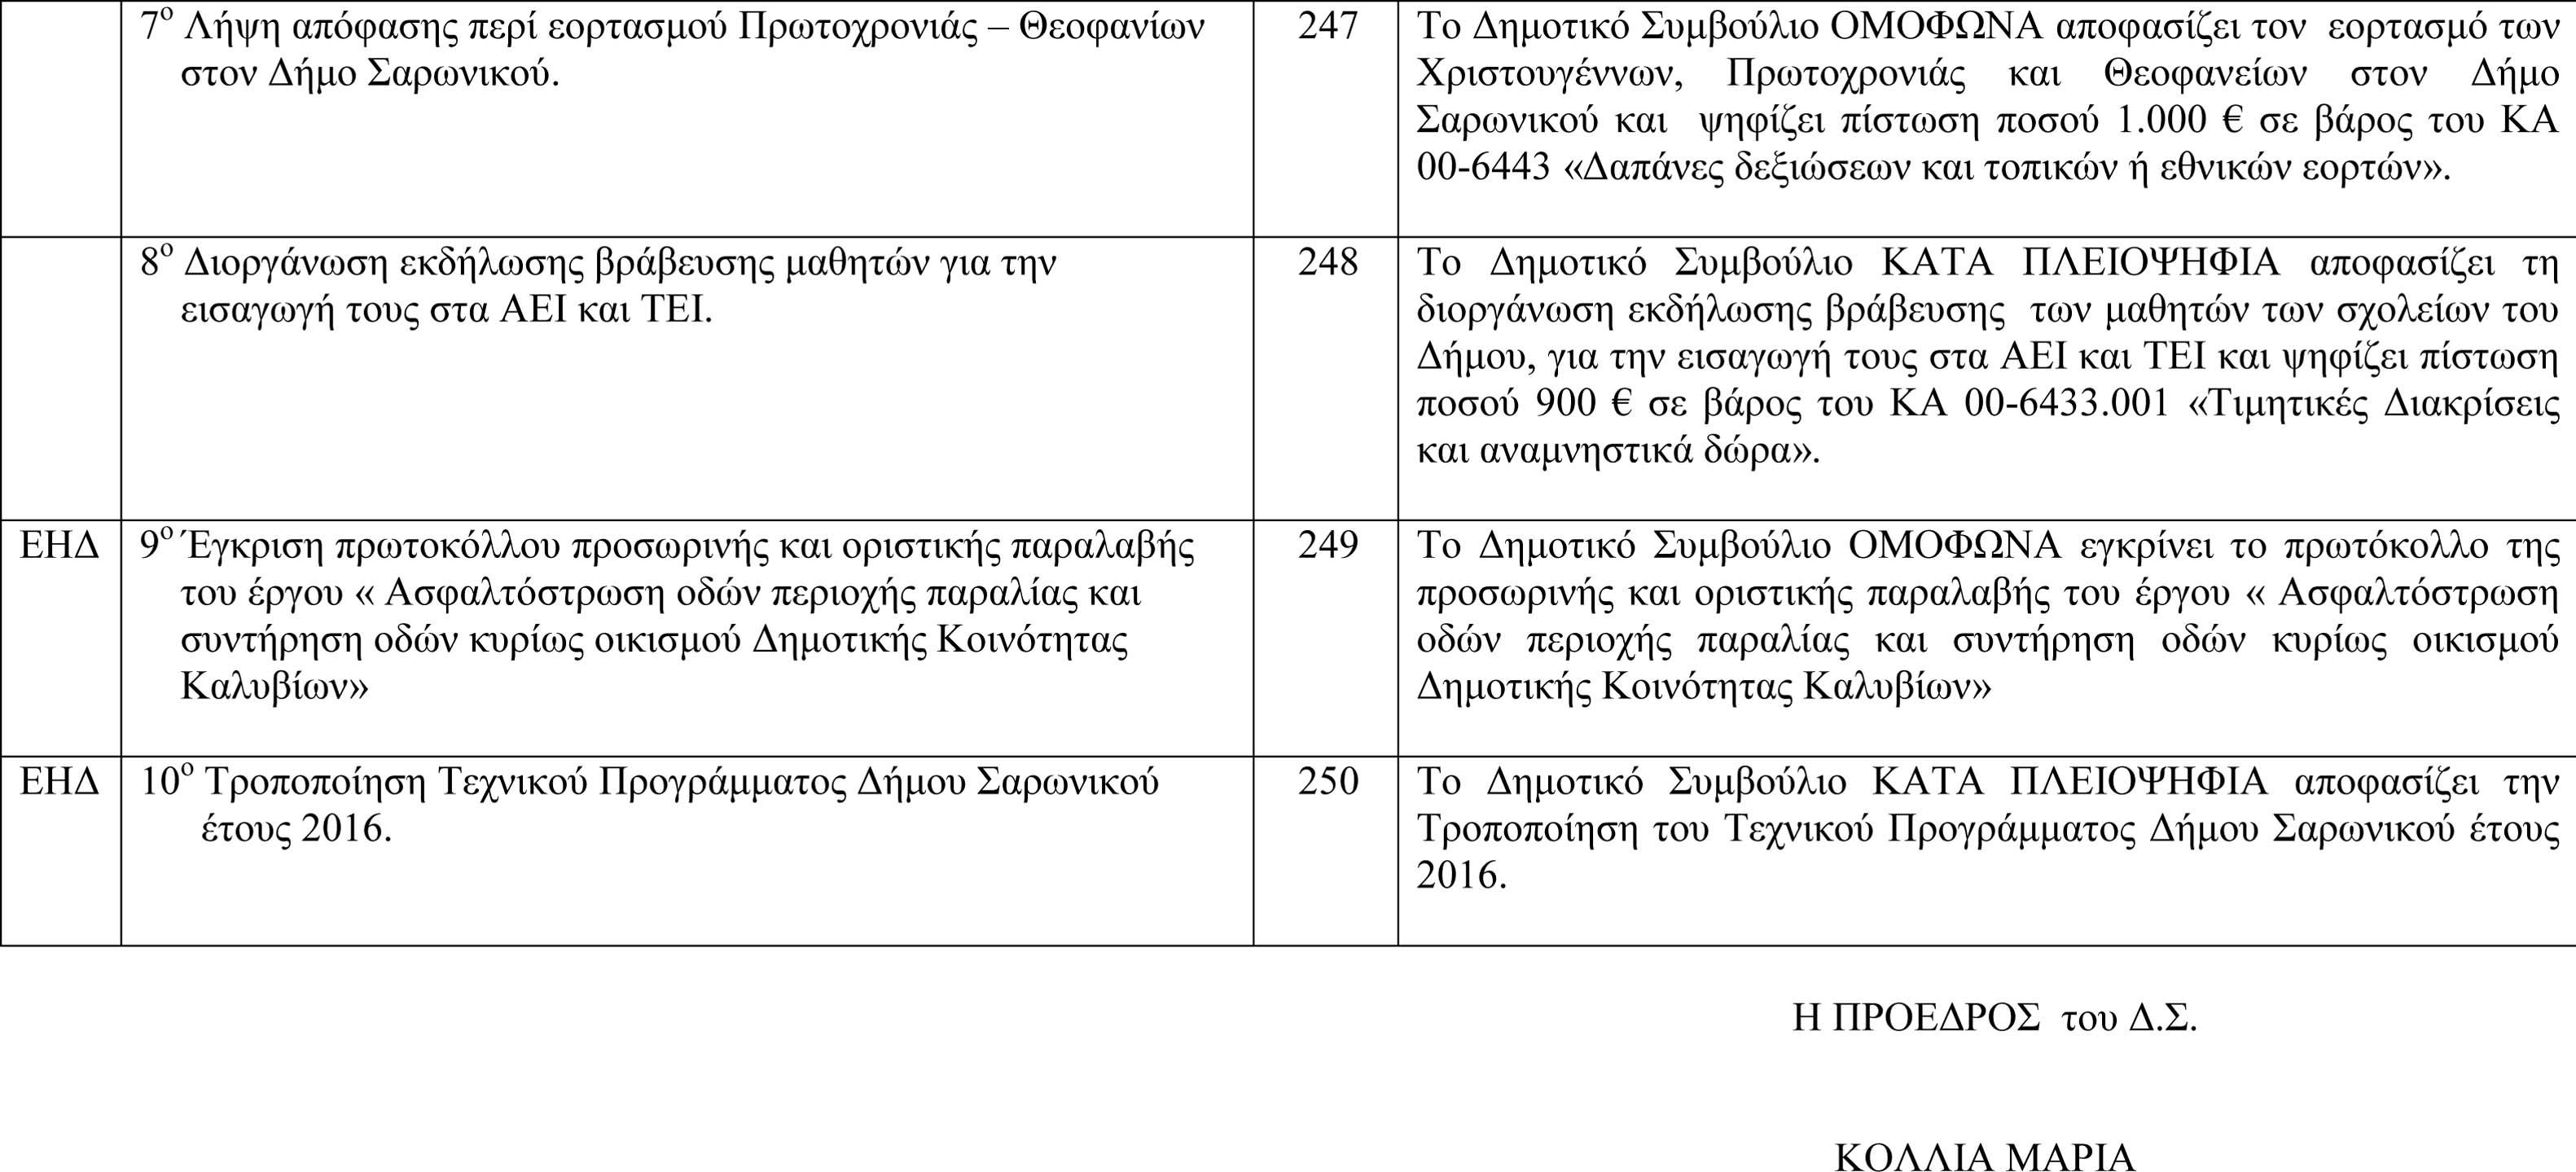 Πίνακας Αποφάσεων Δημοτικού Συμβουλίου 15-12-2015-2